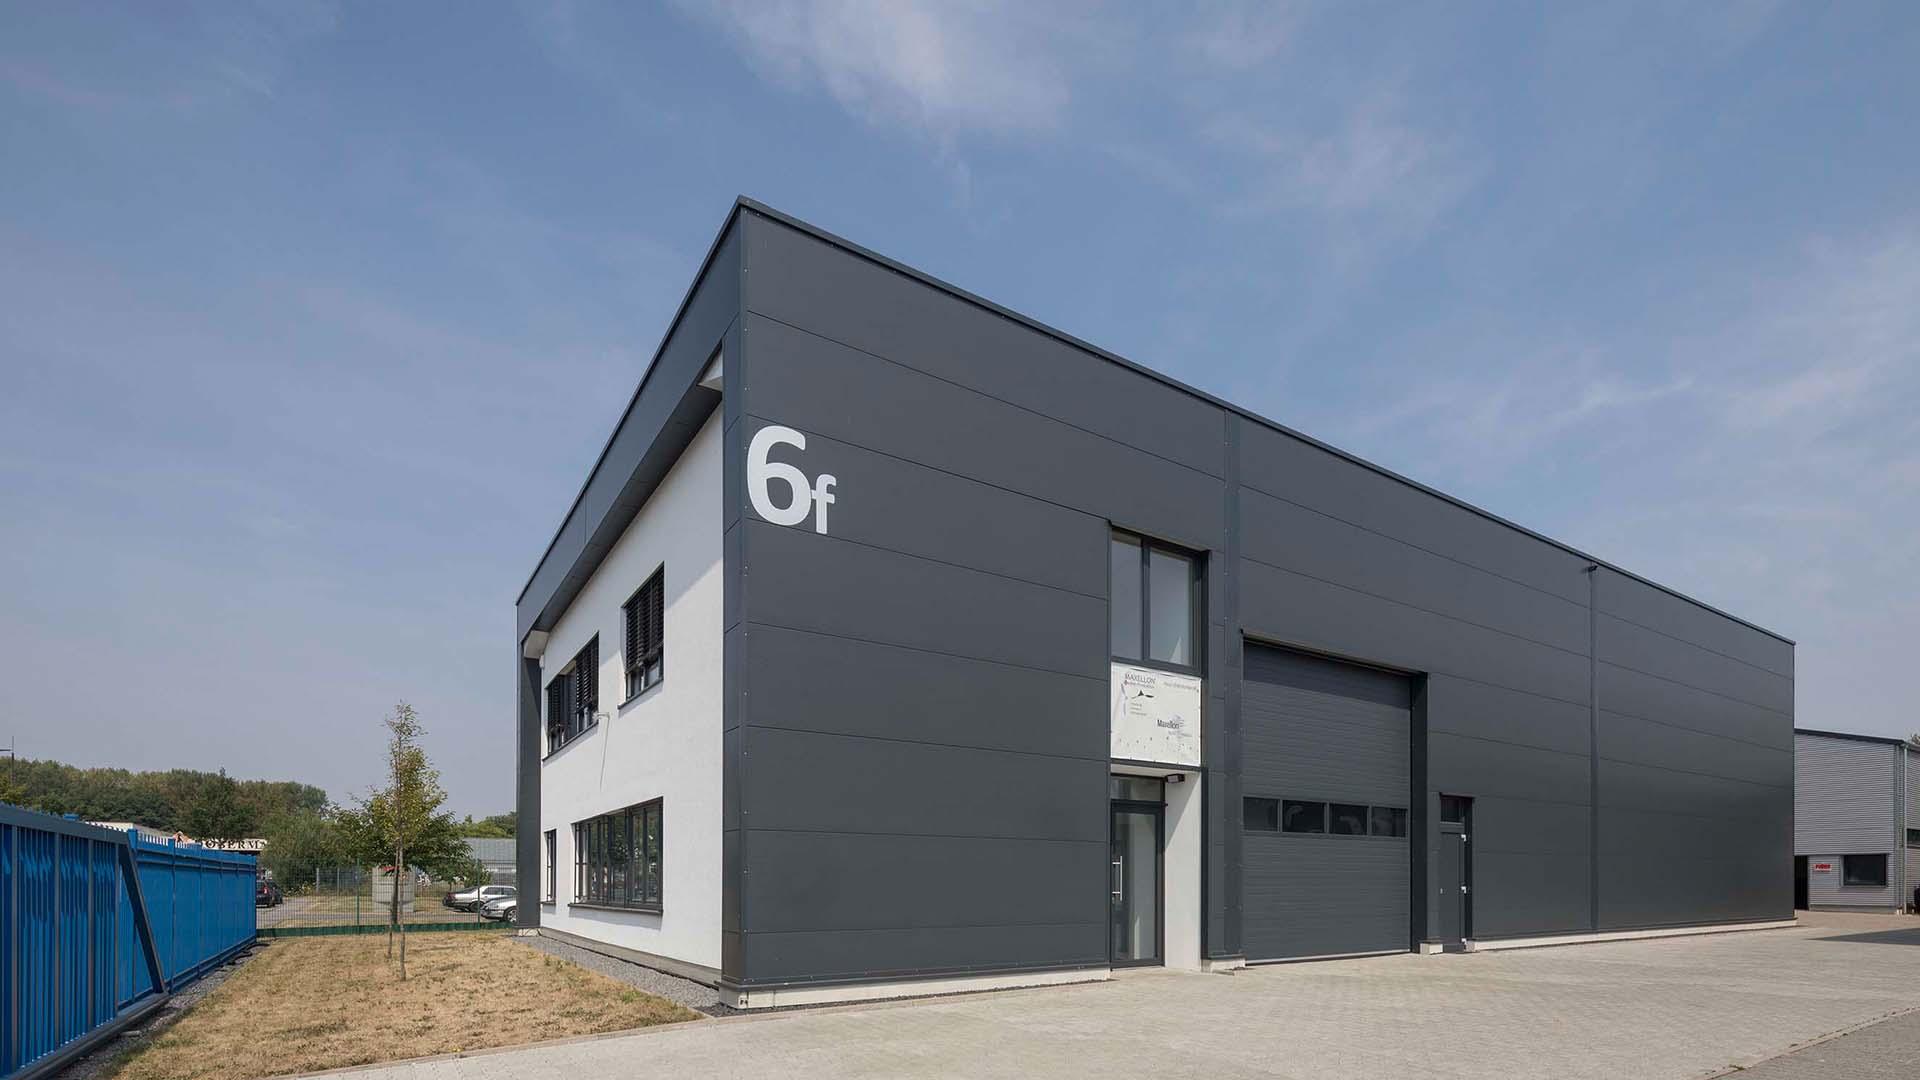 HU6f, Neubau eines Büros und Lagergebäudes, Stahlkonstruktion